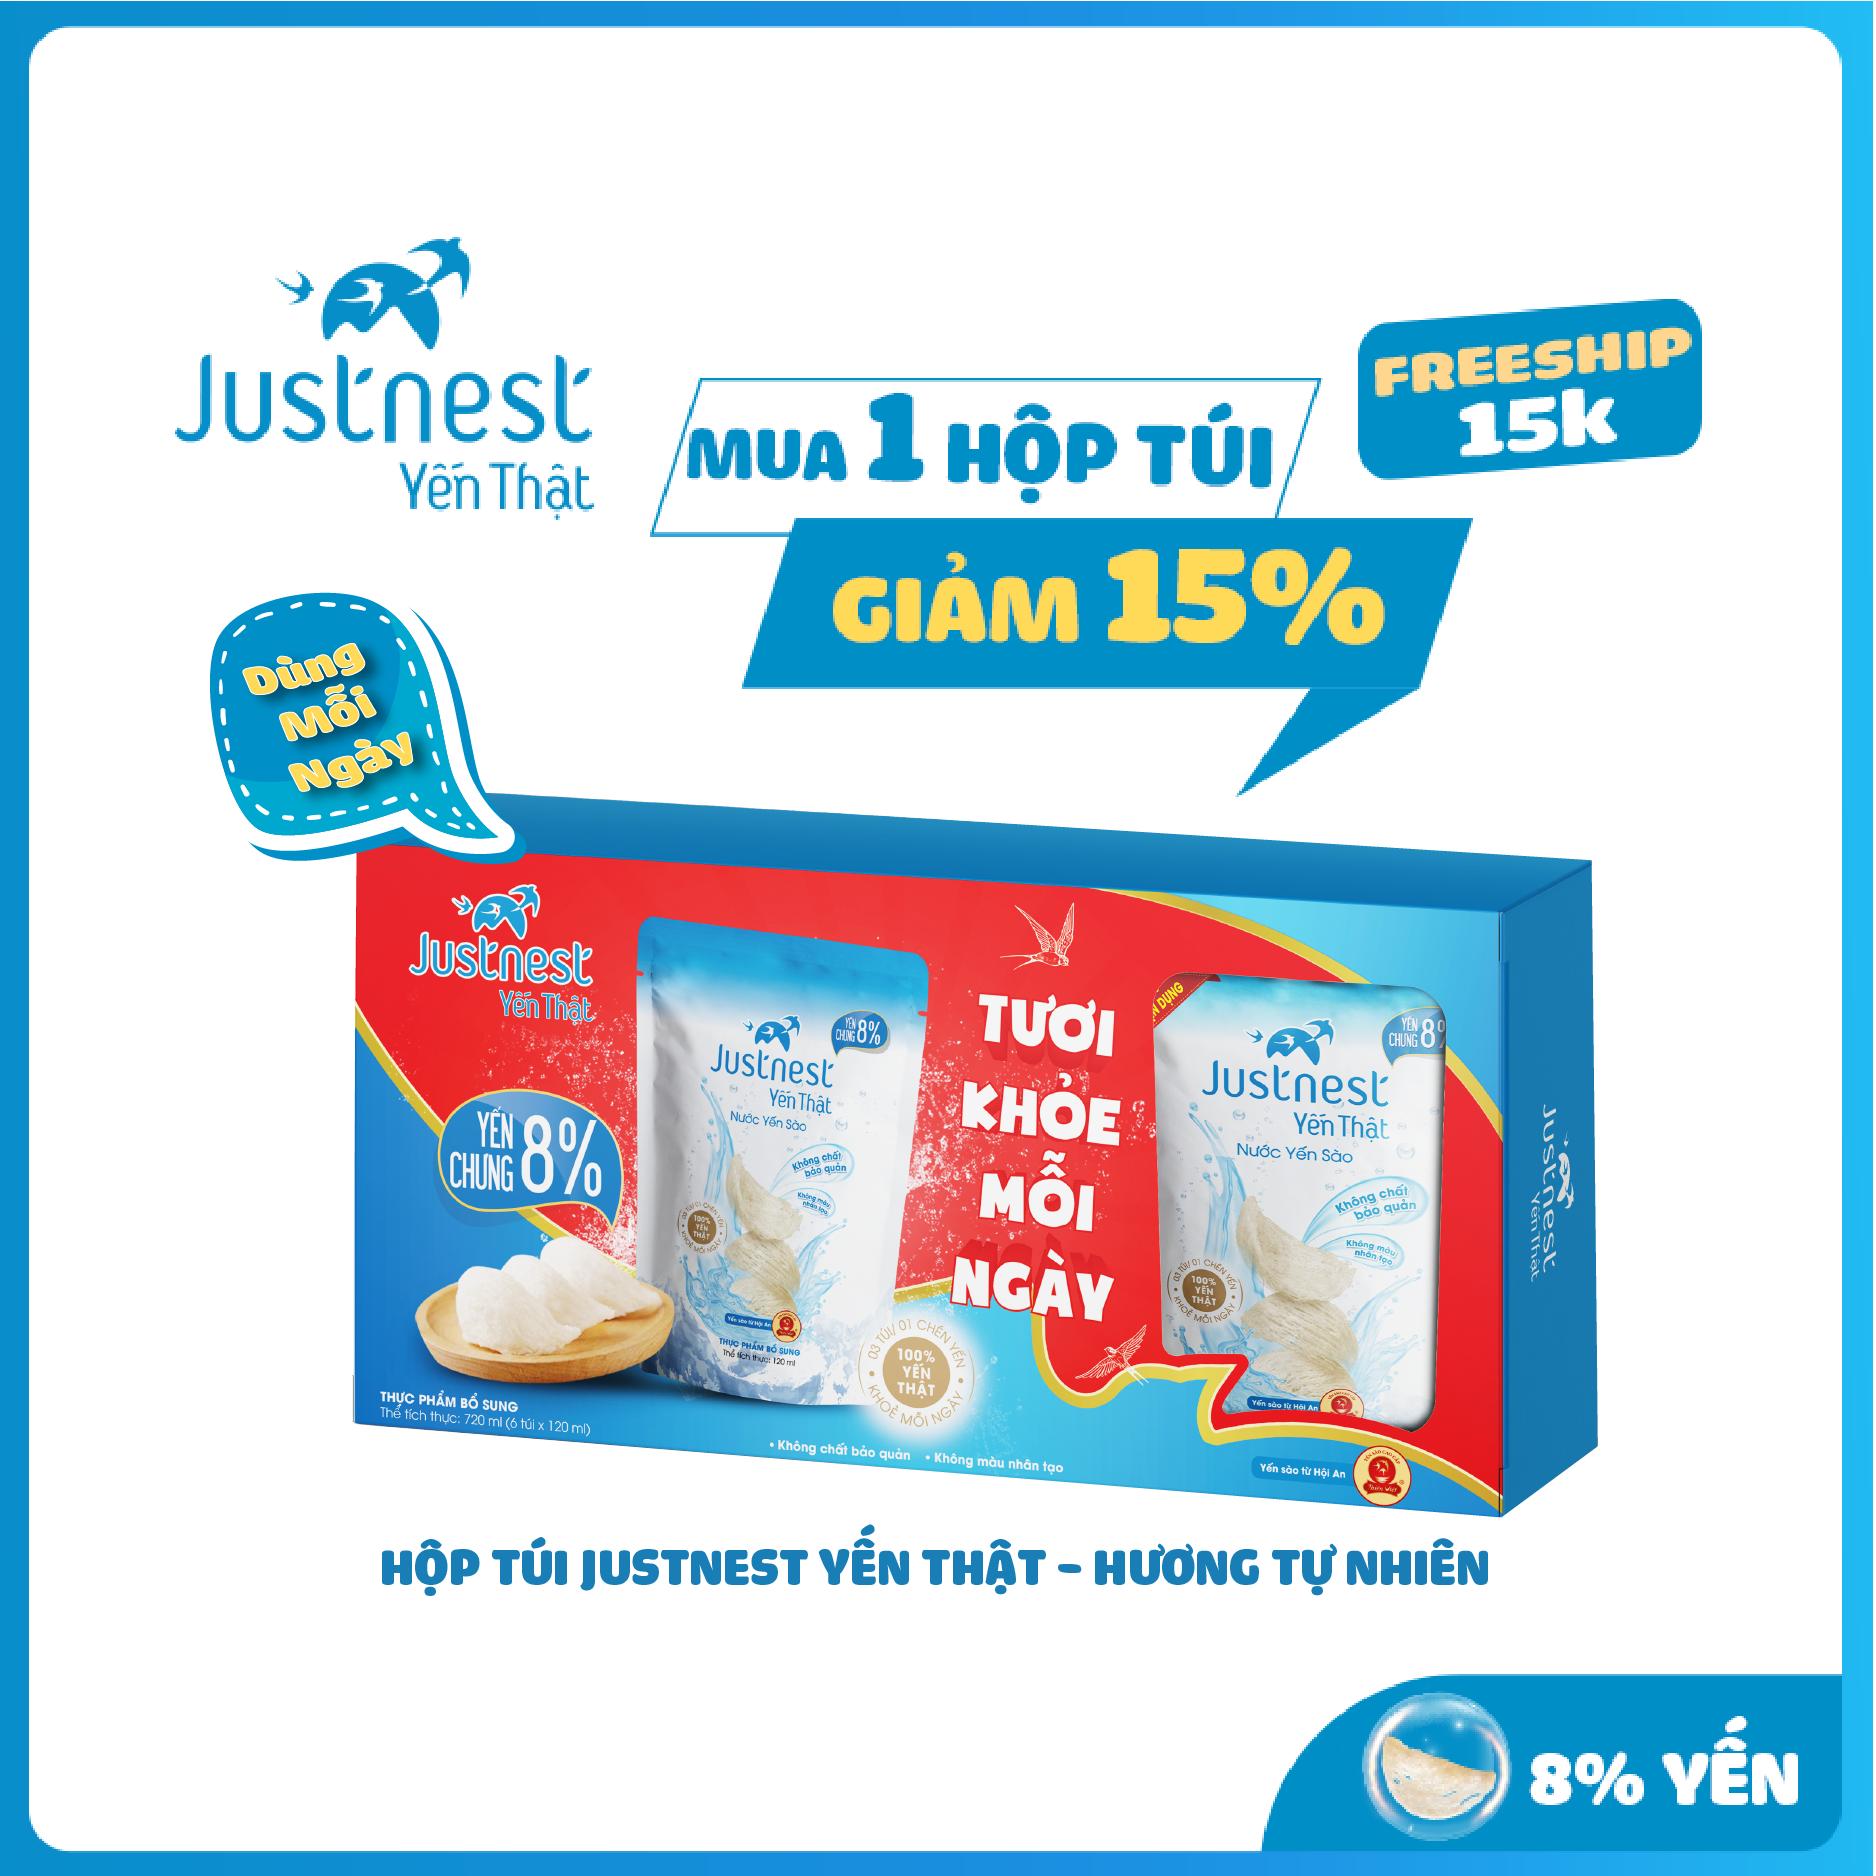 [Freeship 15K] Hộp túi Justnest Yến Thật 100% – Hương tự nhiên (6 túi x 120ml)